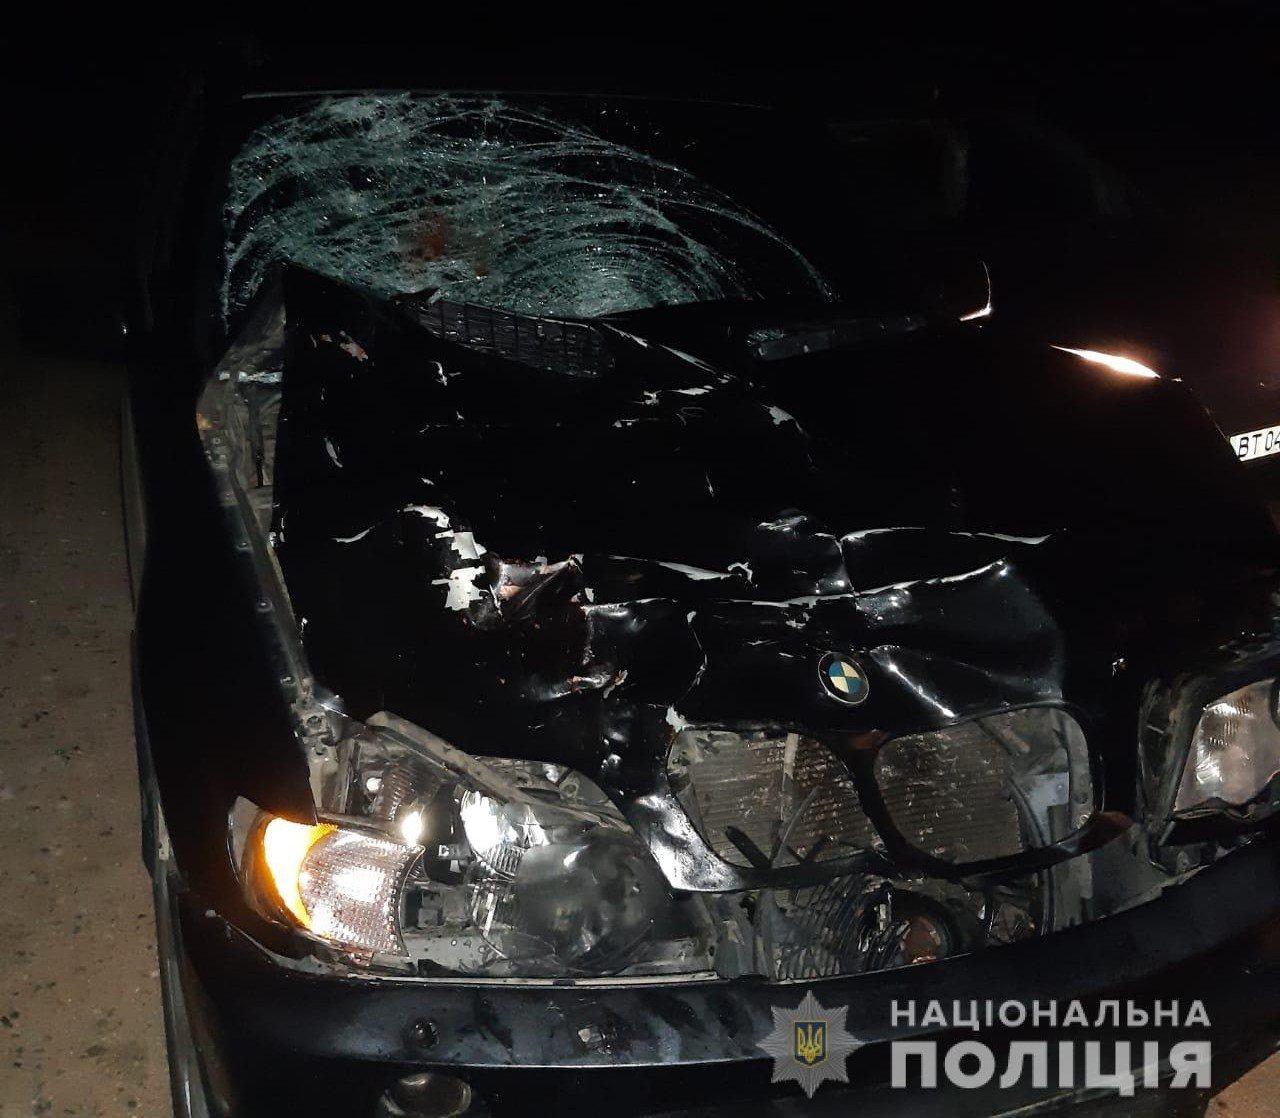 На Херсонщине следствие по делу резонансного ДТП с тремя погибшими передано в суд